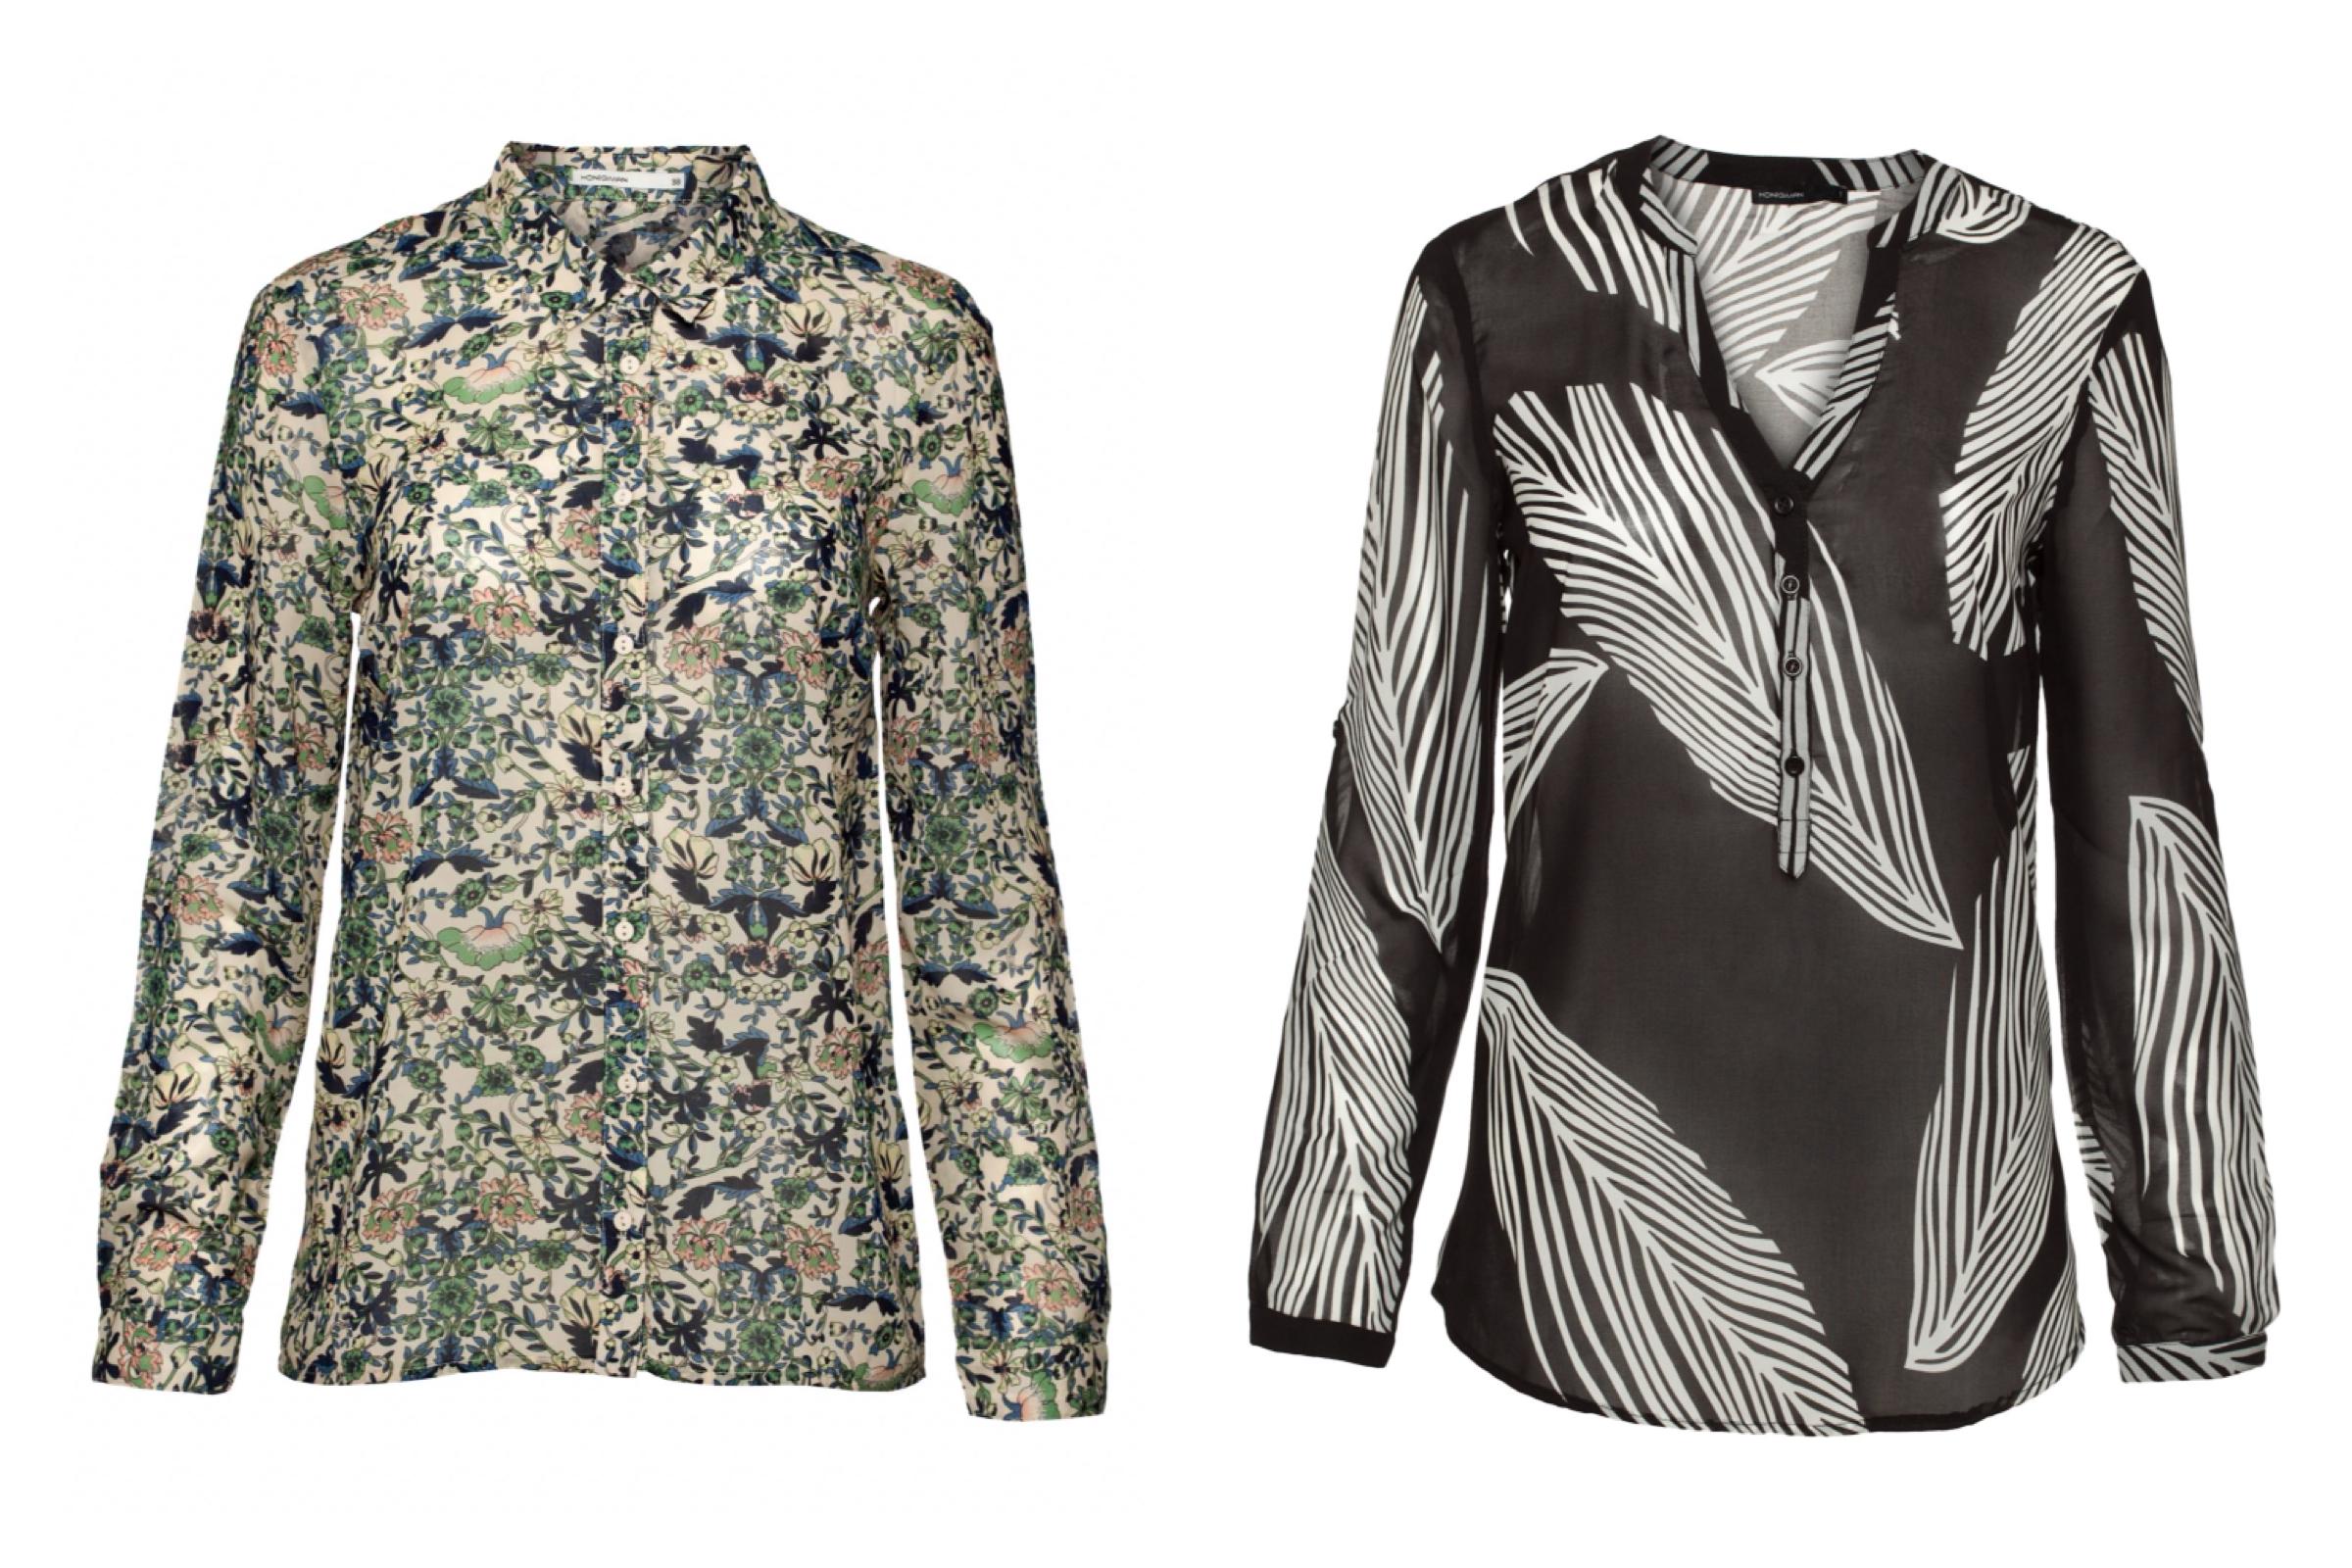 Новая блузка для модной весны от Honigman